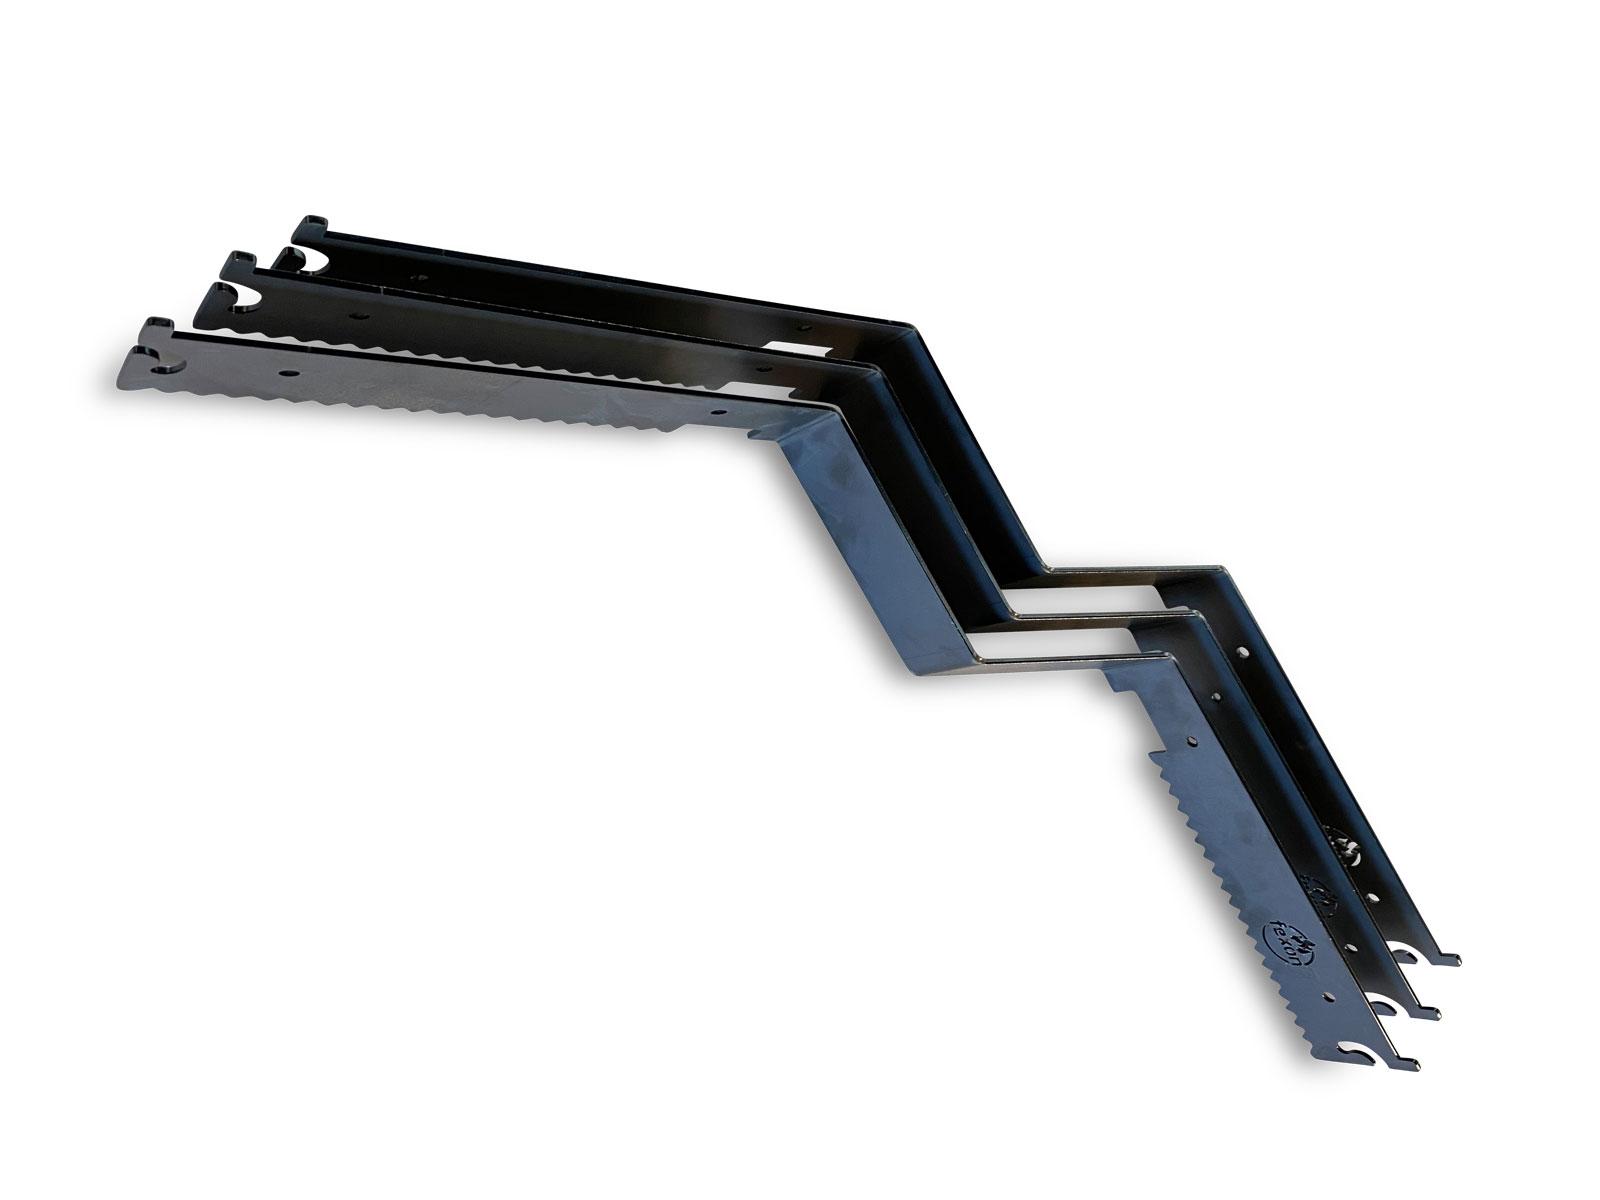 Wokaufsatz Ø 20cm für fexon® Grillplatte aus Edelstahl Wok Aufsatz